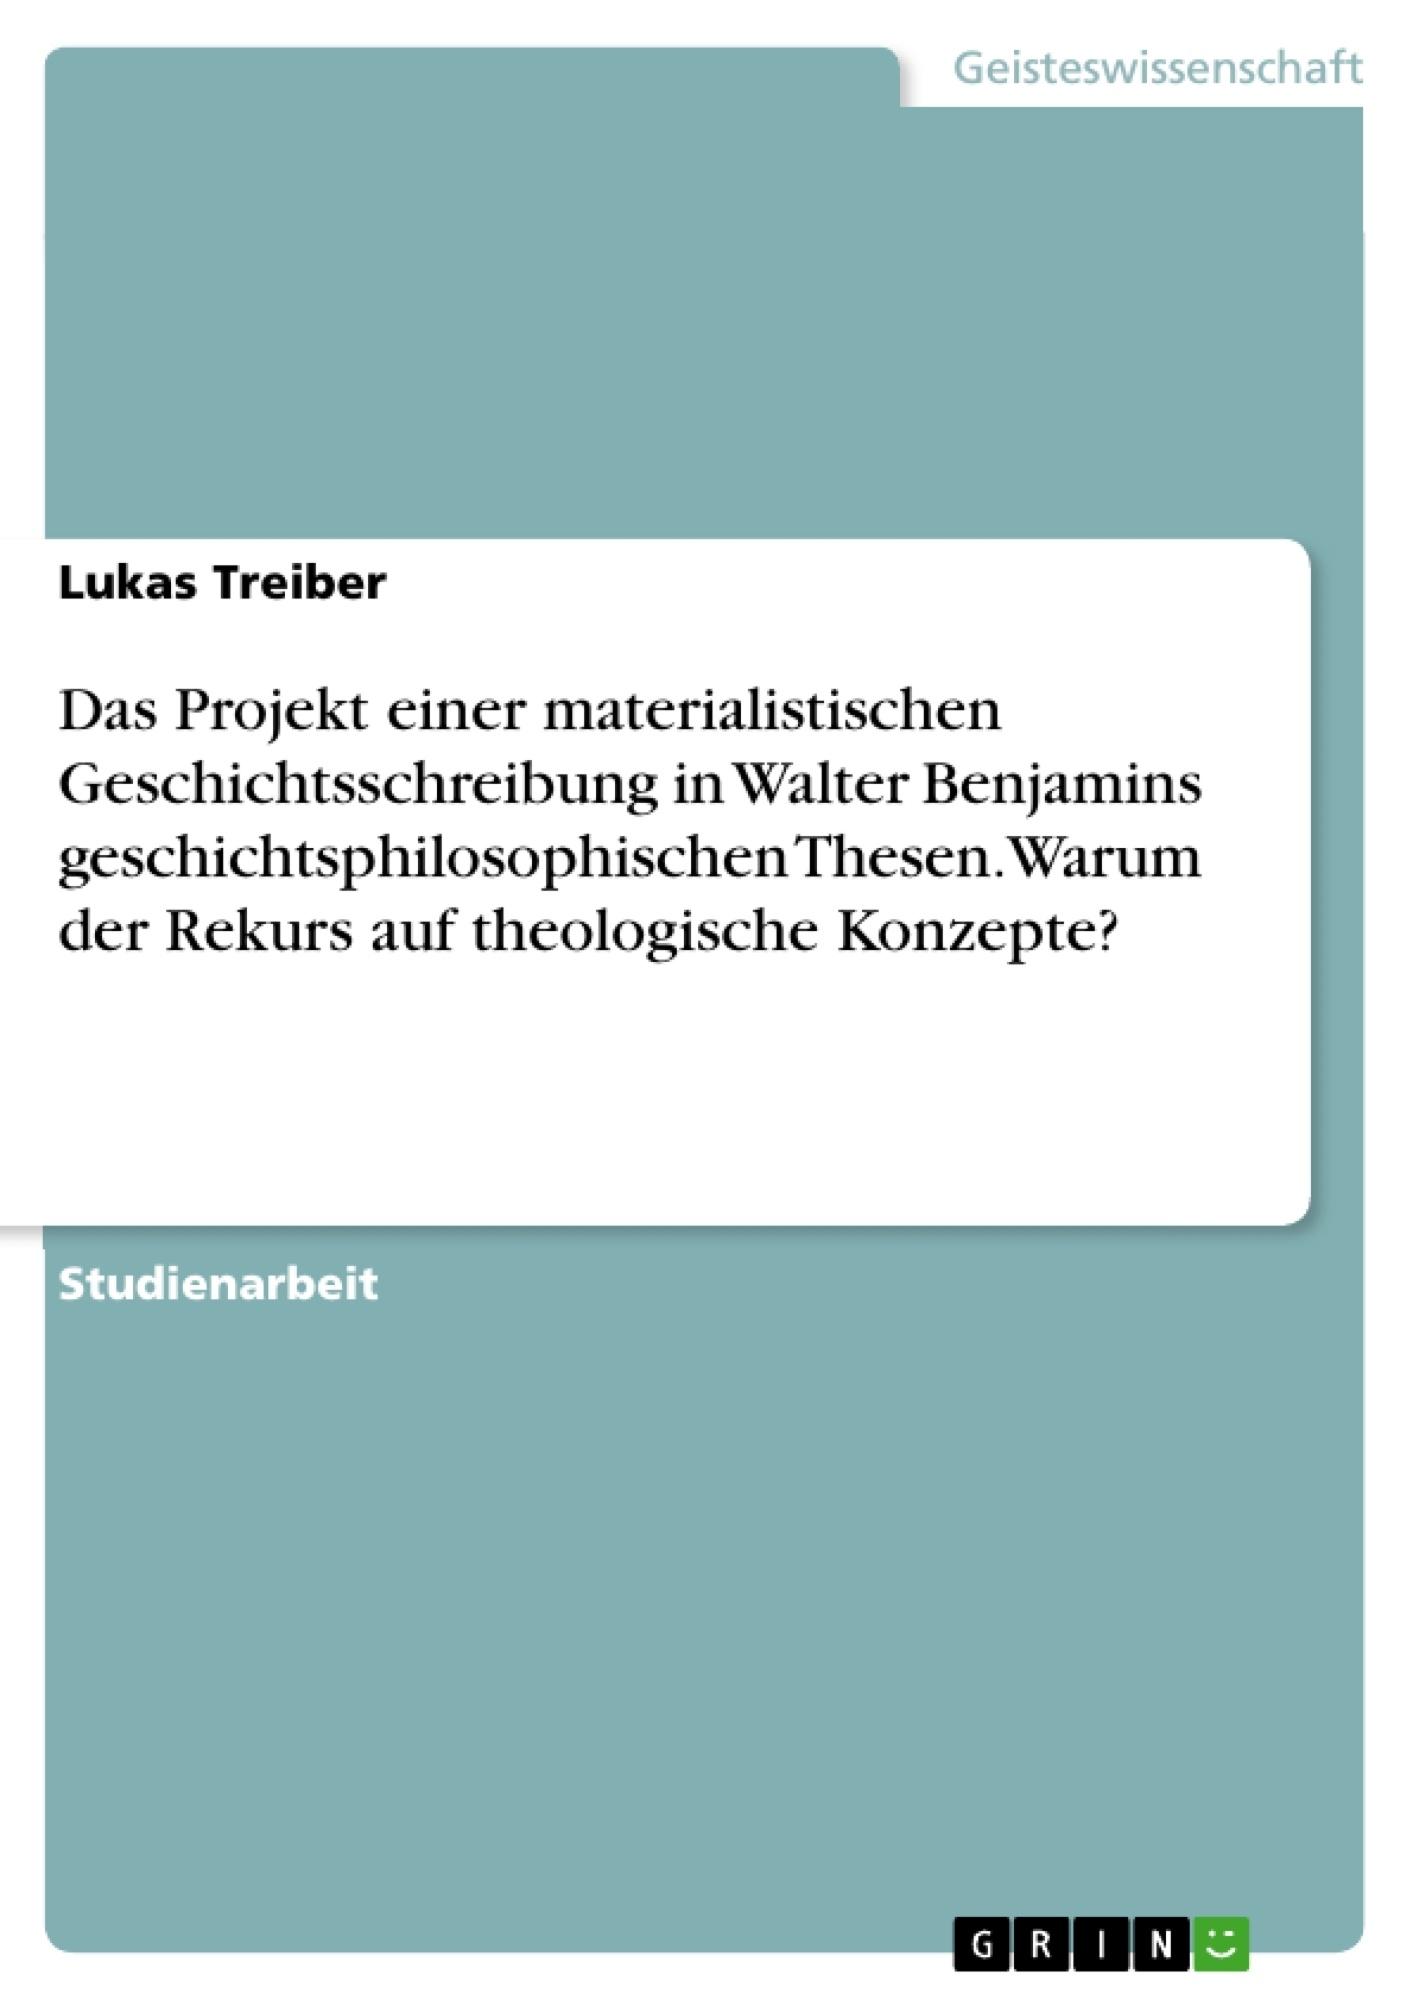 Titel: Das Projekt einer materialistischen Geschichtsschreibung in Walter Benjamins geschichtsphilosophischen Thesen. Warum der Rekurs auf theologische Konzepte?